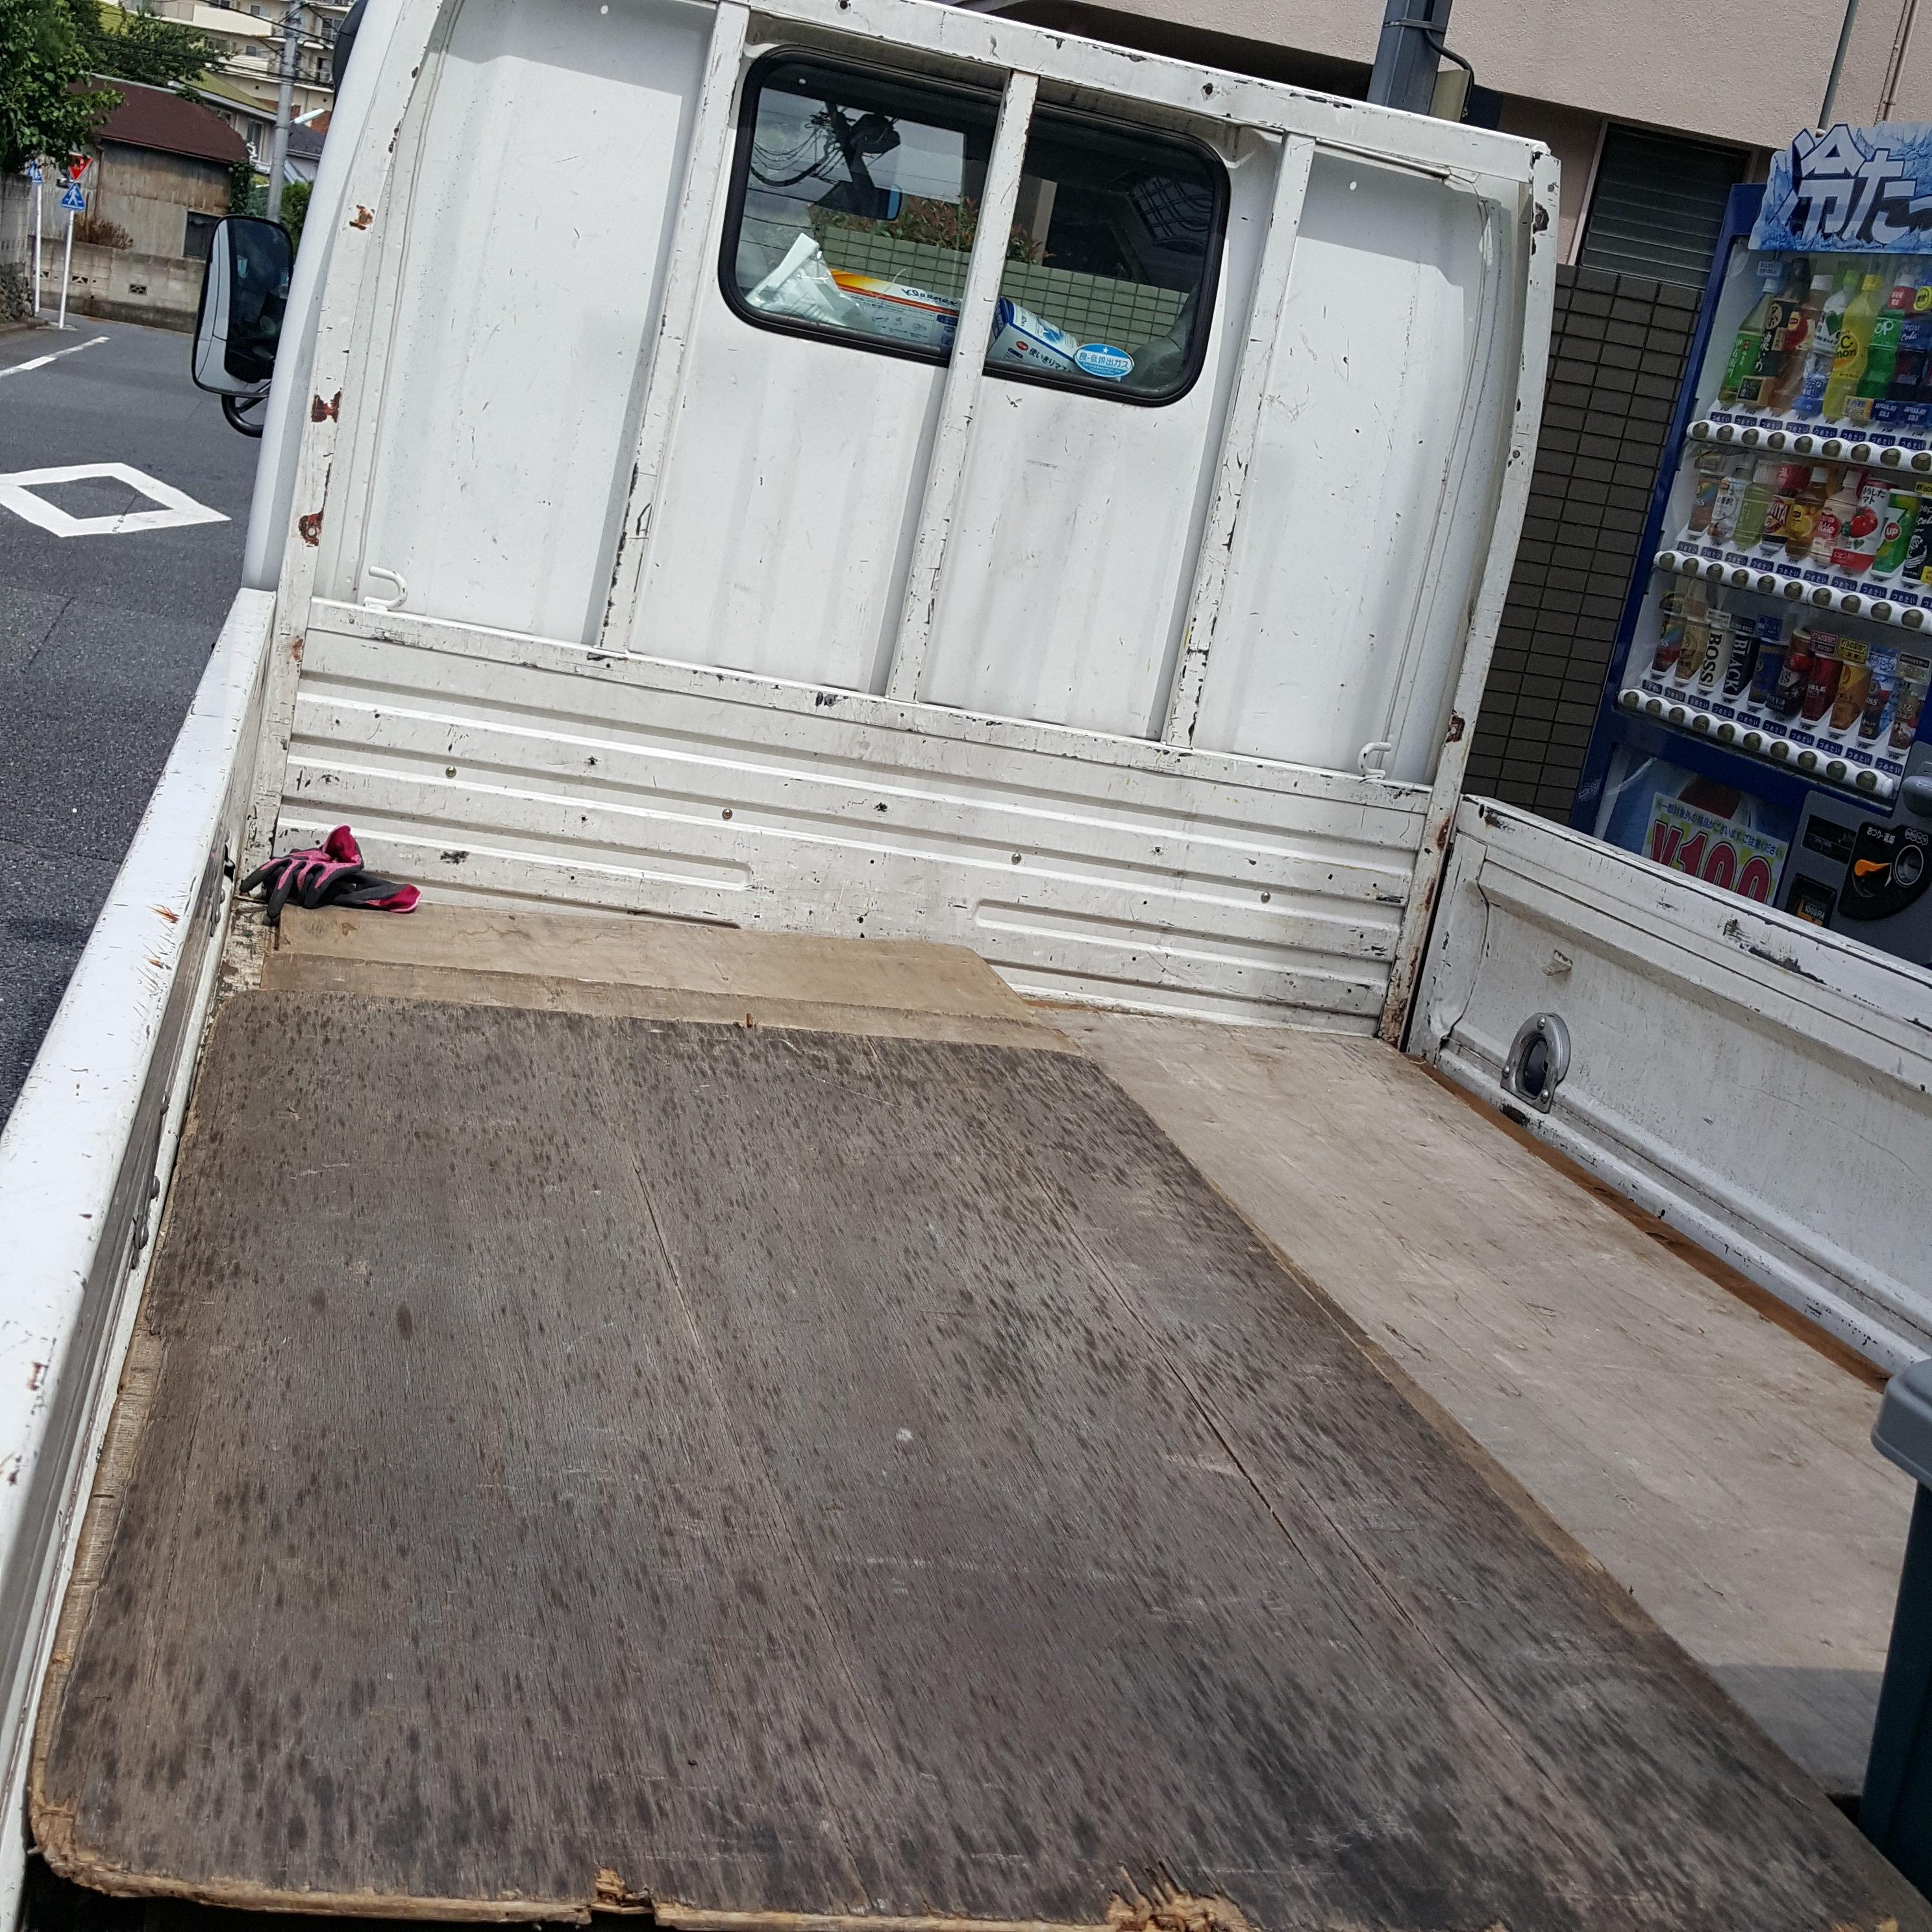 川崎市幸区 2DK全ての家具(食器棚、本棚、ダイニングテーブルなど)の不用品回収